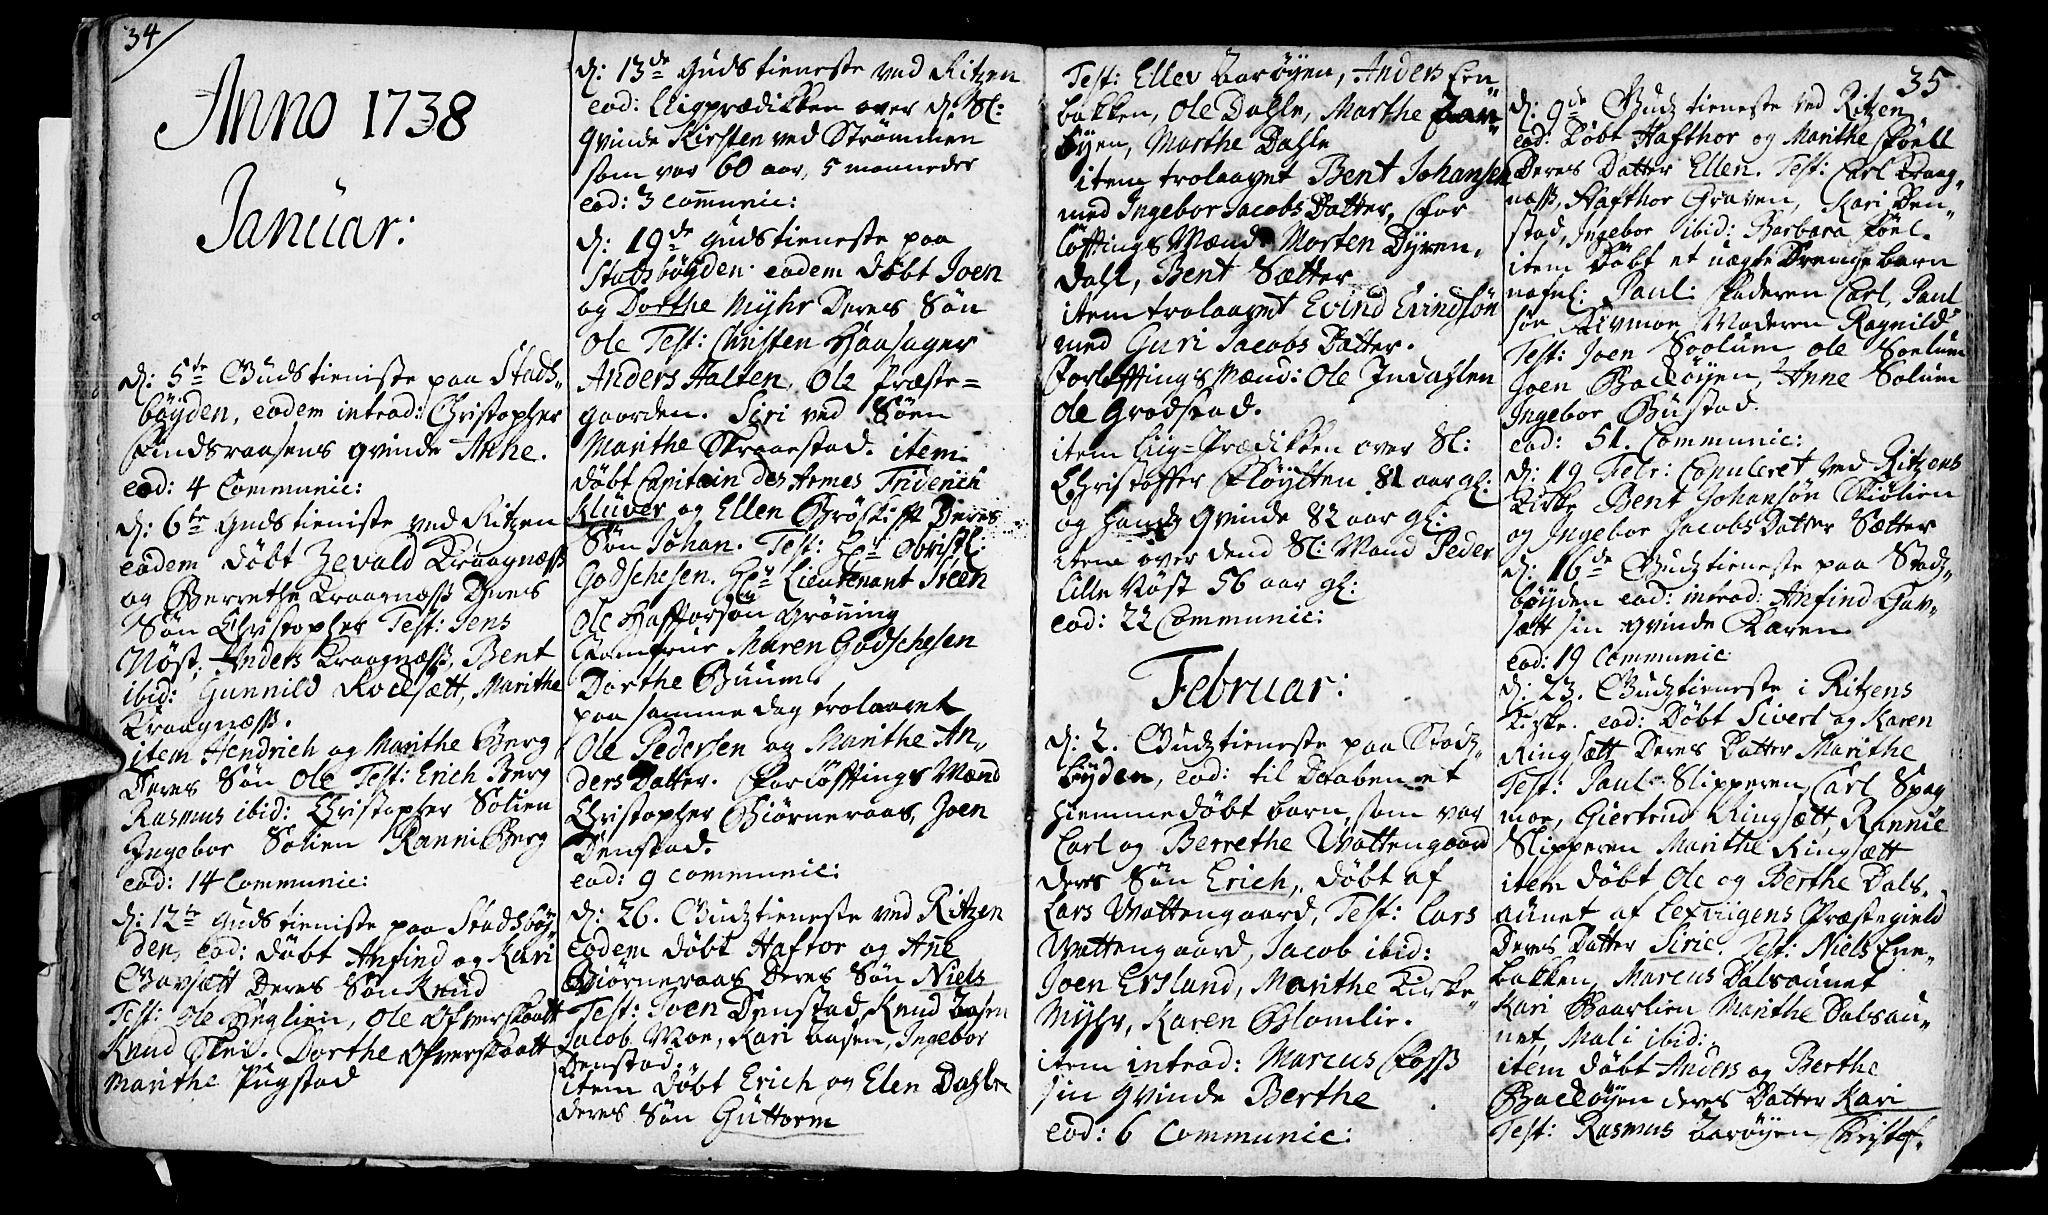 SAT, Ministerialprotokoller, klokkerbøker og fødselsregistre - Sør-Trøndelag, 646/L0604: Ministerialbok nr. 646A02, 1735-1750, s. 34-35